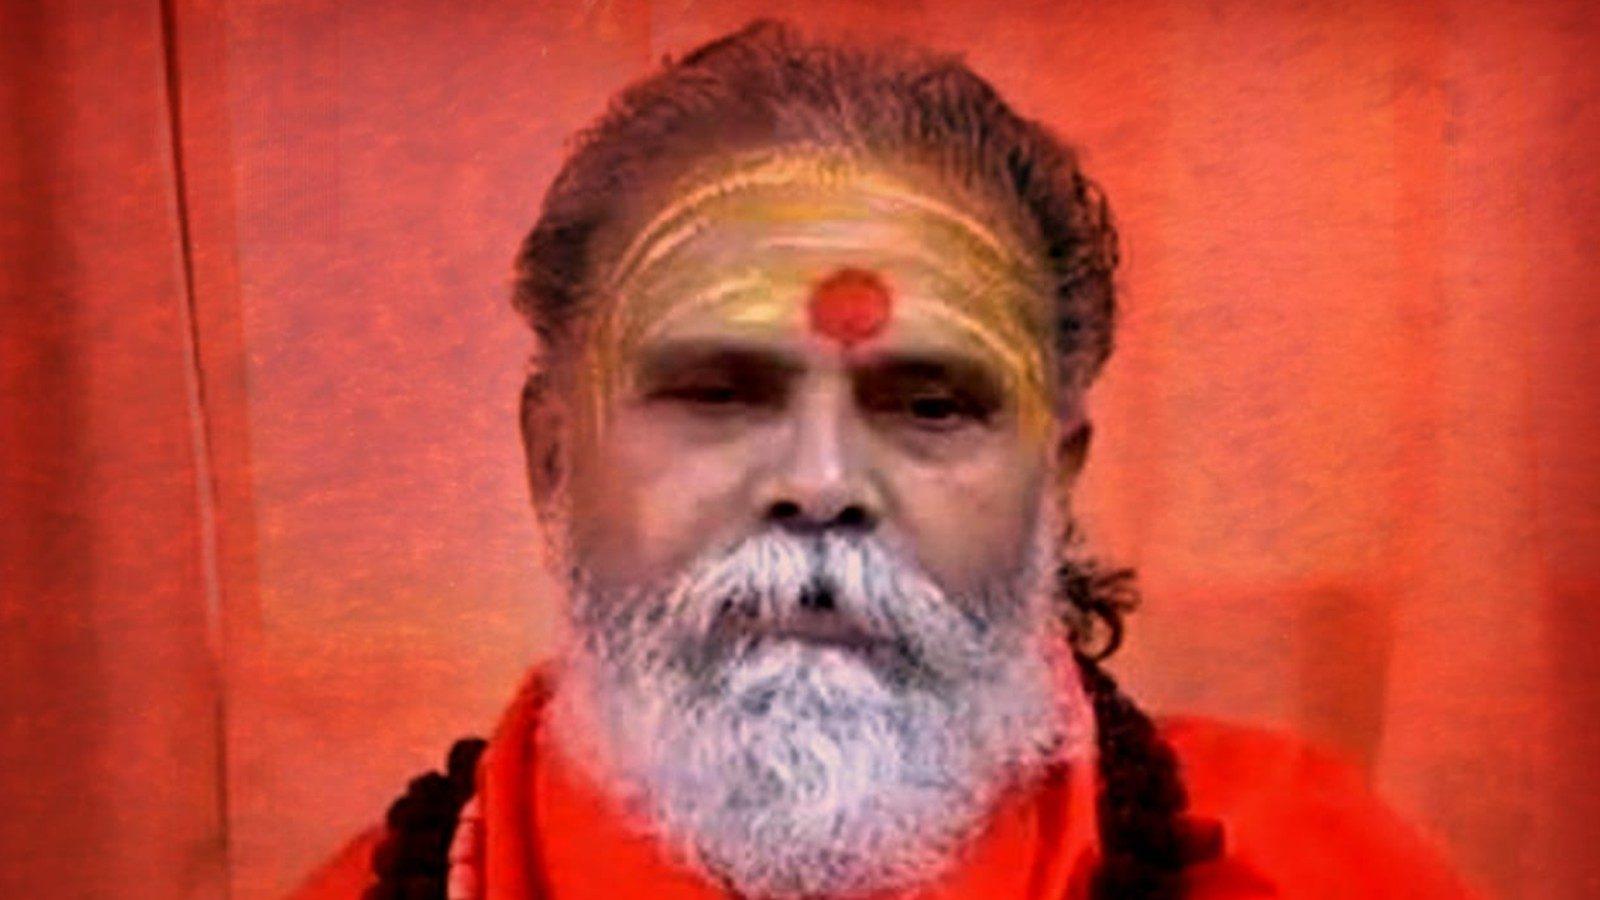 Mahant Narendra Giri Death: शिष्यों ने दरवाजा तोड़ा तो फंदे से लटके थे नरेंद्र गिरी, रस्सी काट कर उतारा लेकिन...